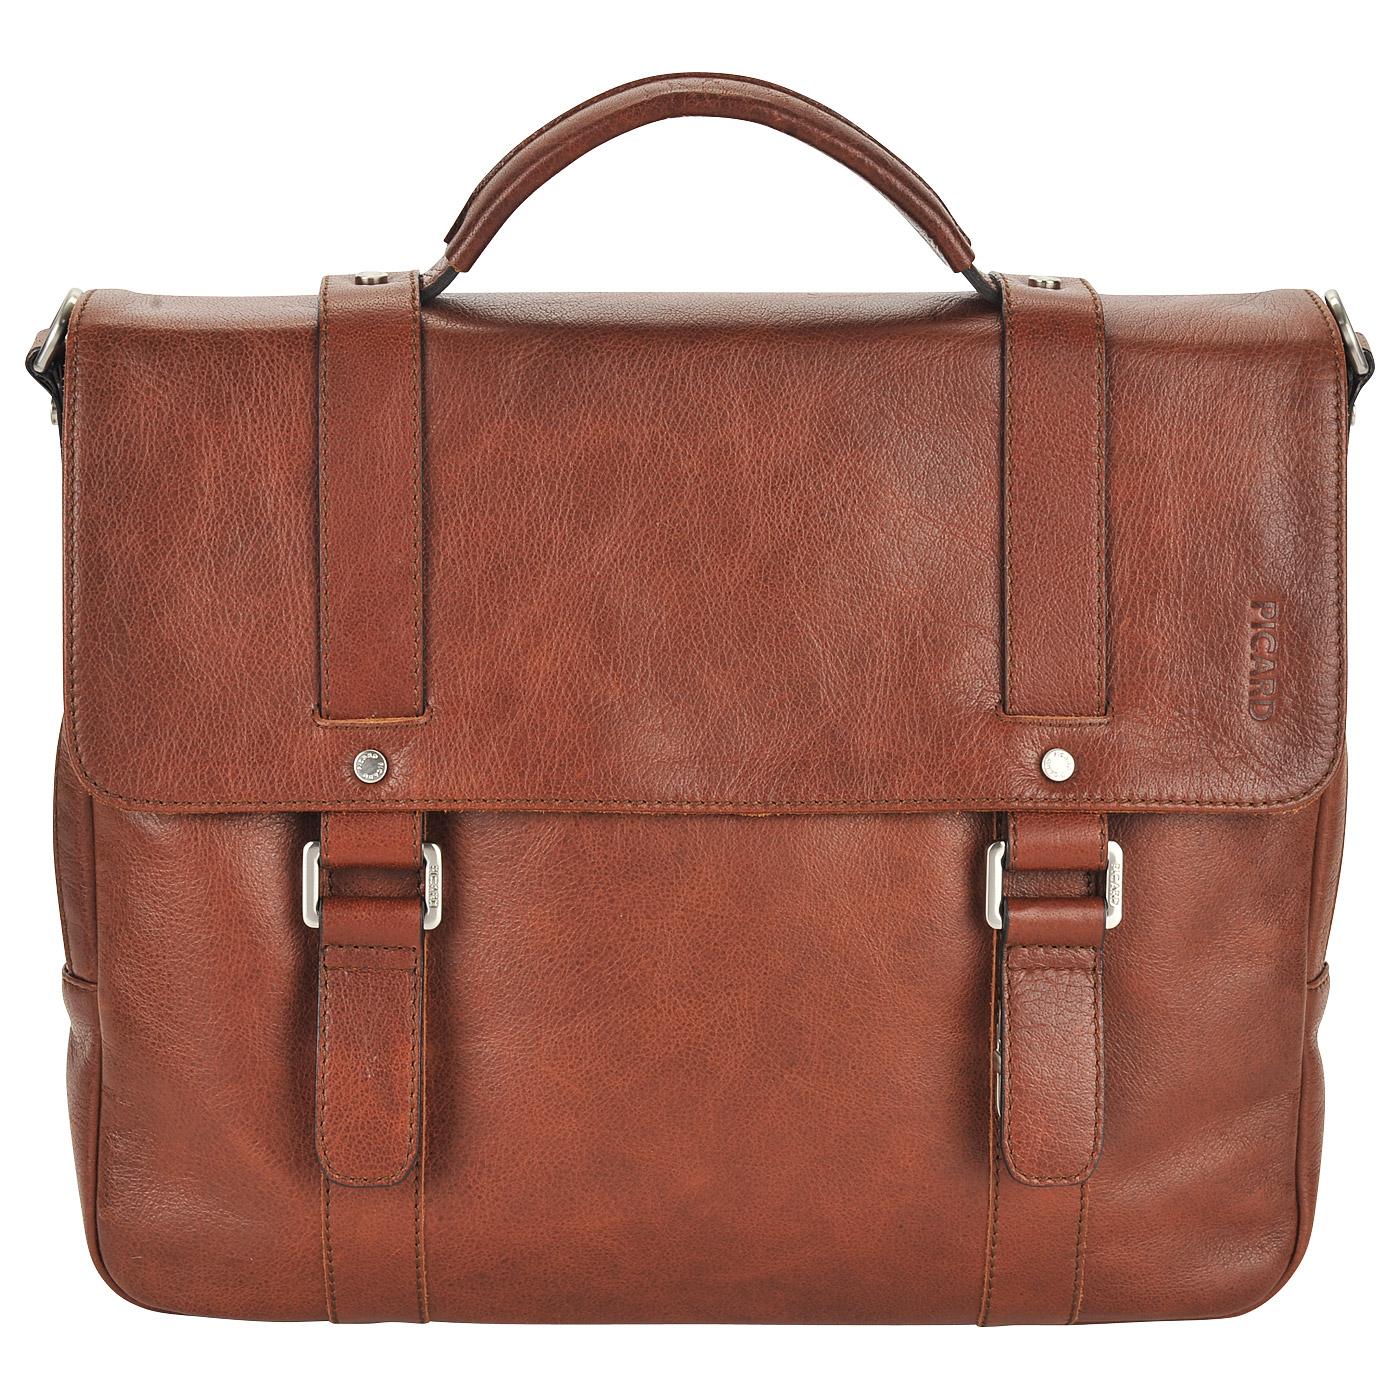 c9d3b73b28aa Мужской кожаный портфель коричневого цвета Picard Buddy Мужской кожаный  портфель коричневого цвета Picard Buddy ...